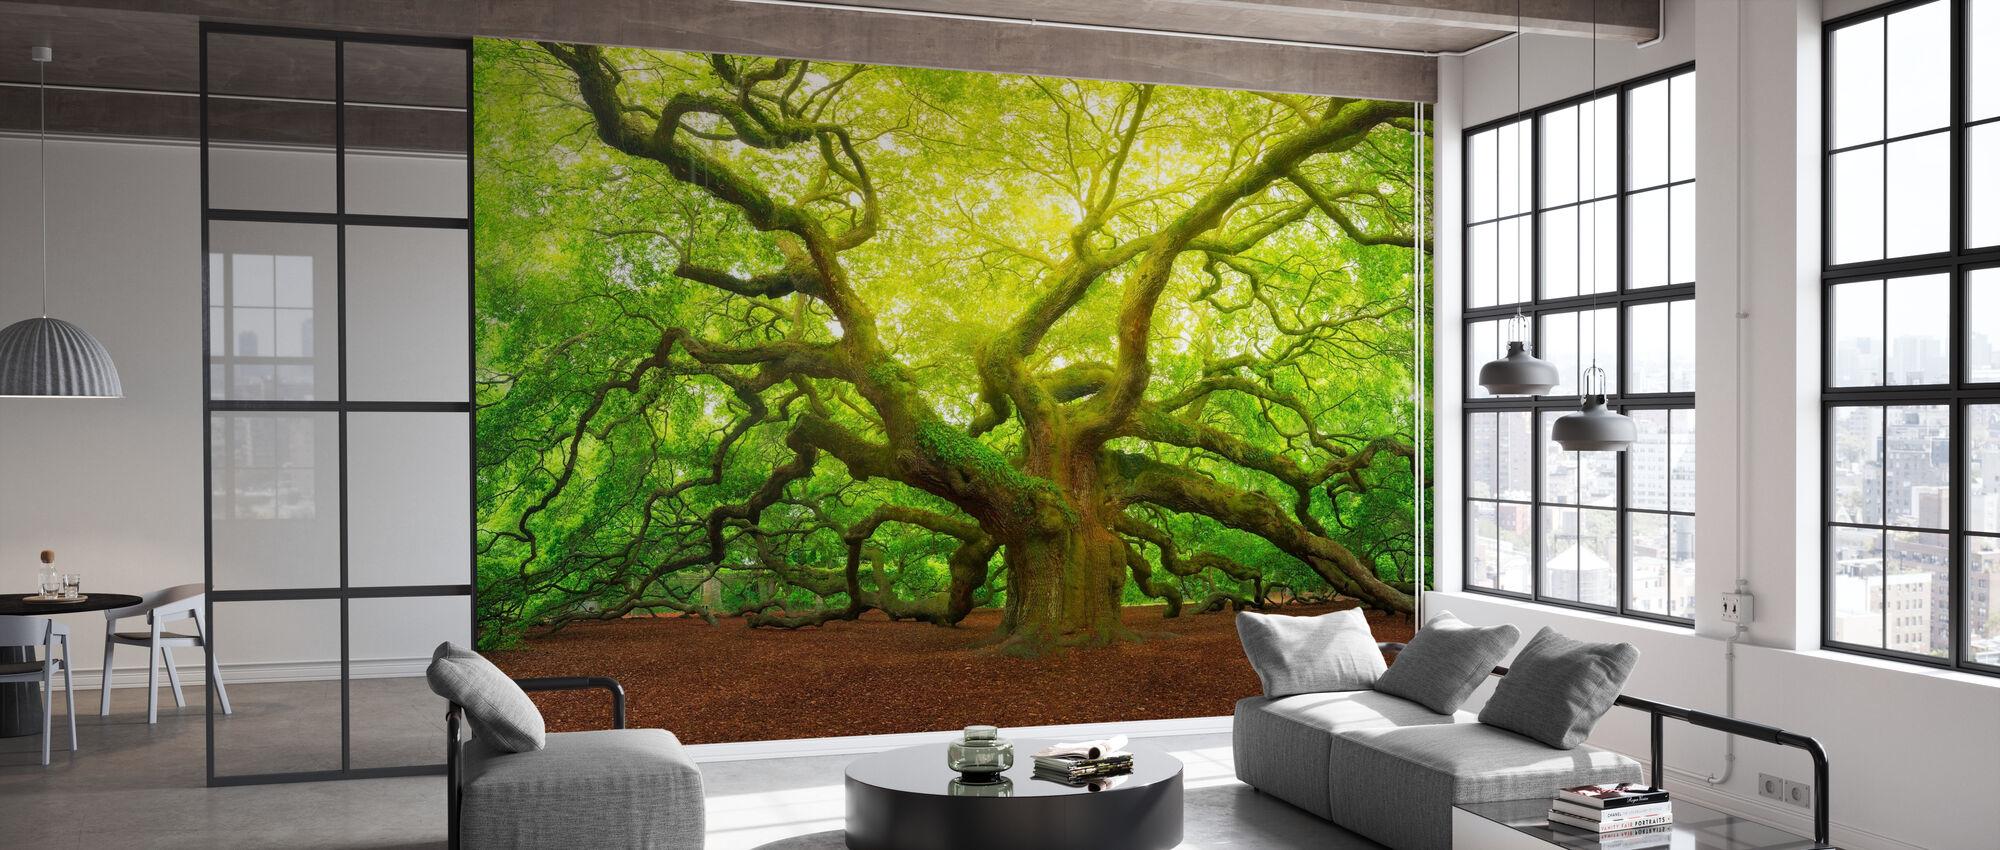 Angel Oak - Wallpaper - Office